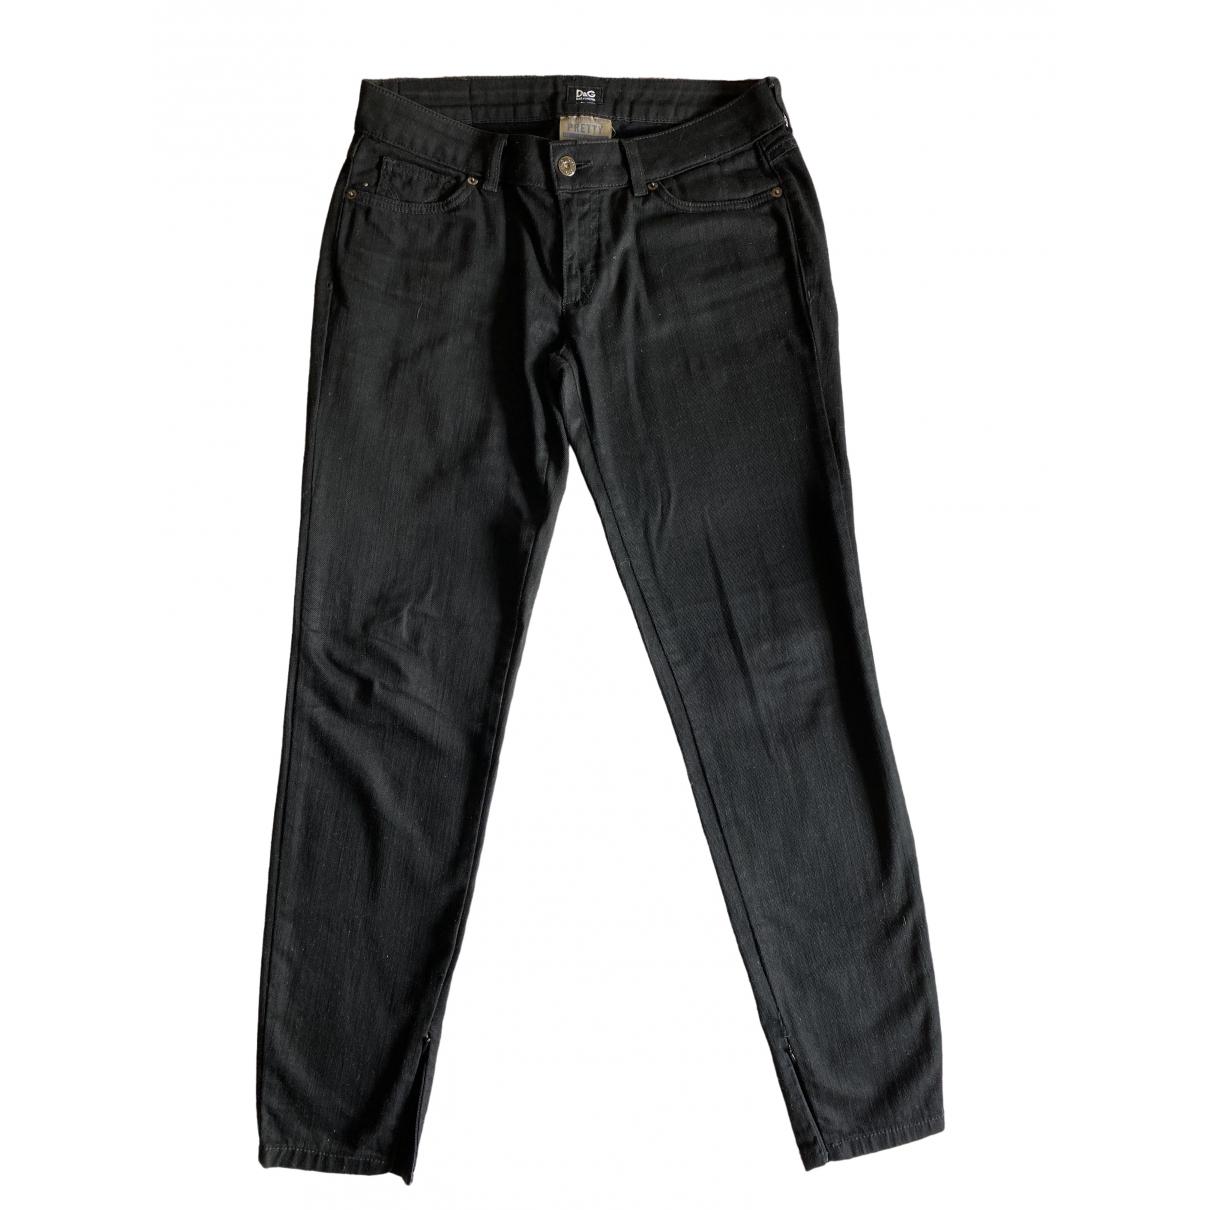 D&g \N Black Cotton Jeans for Women 31 US